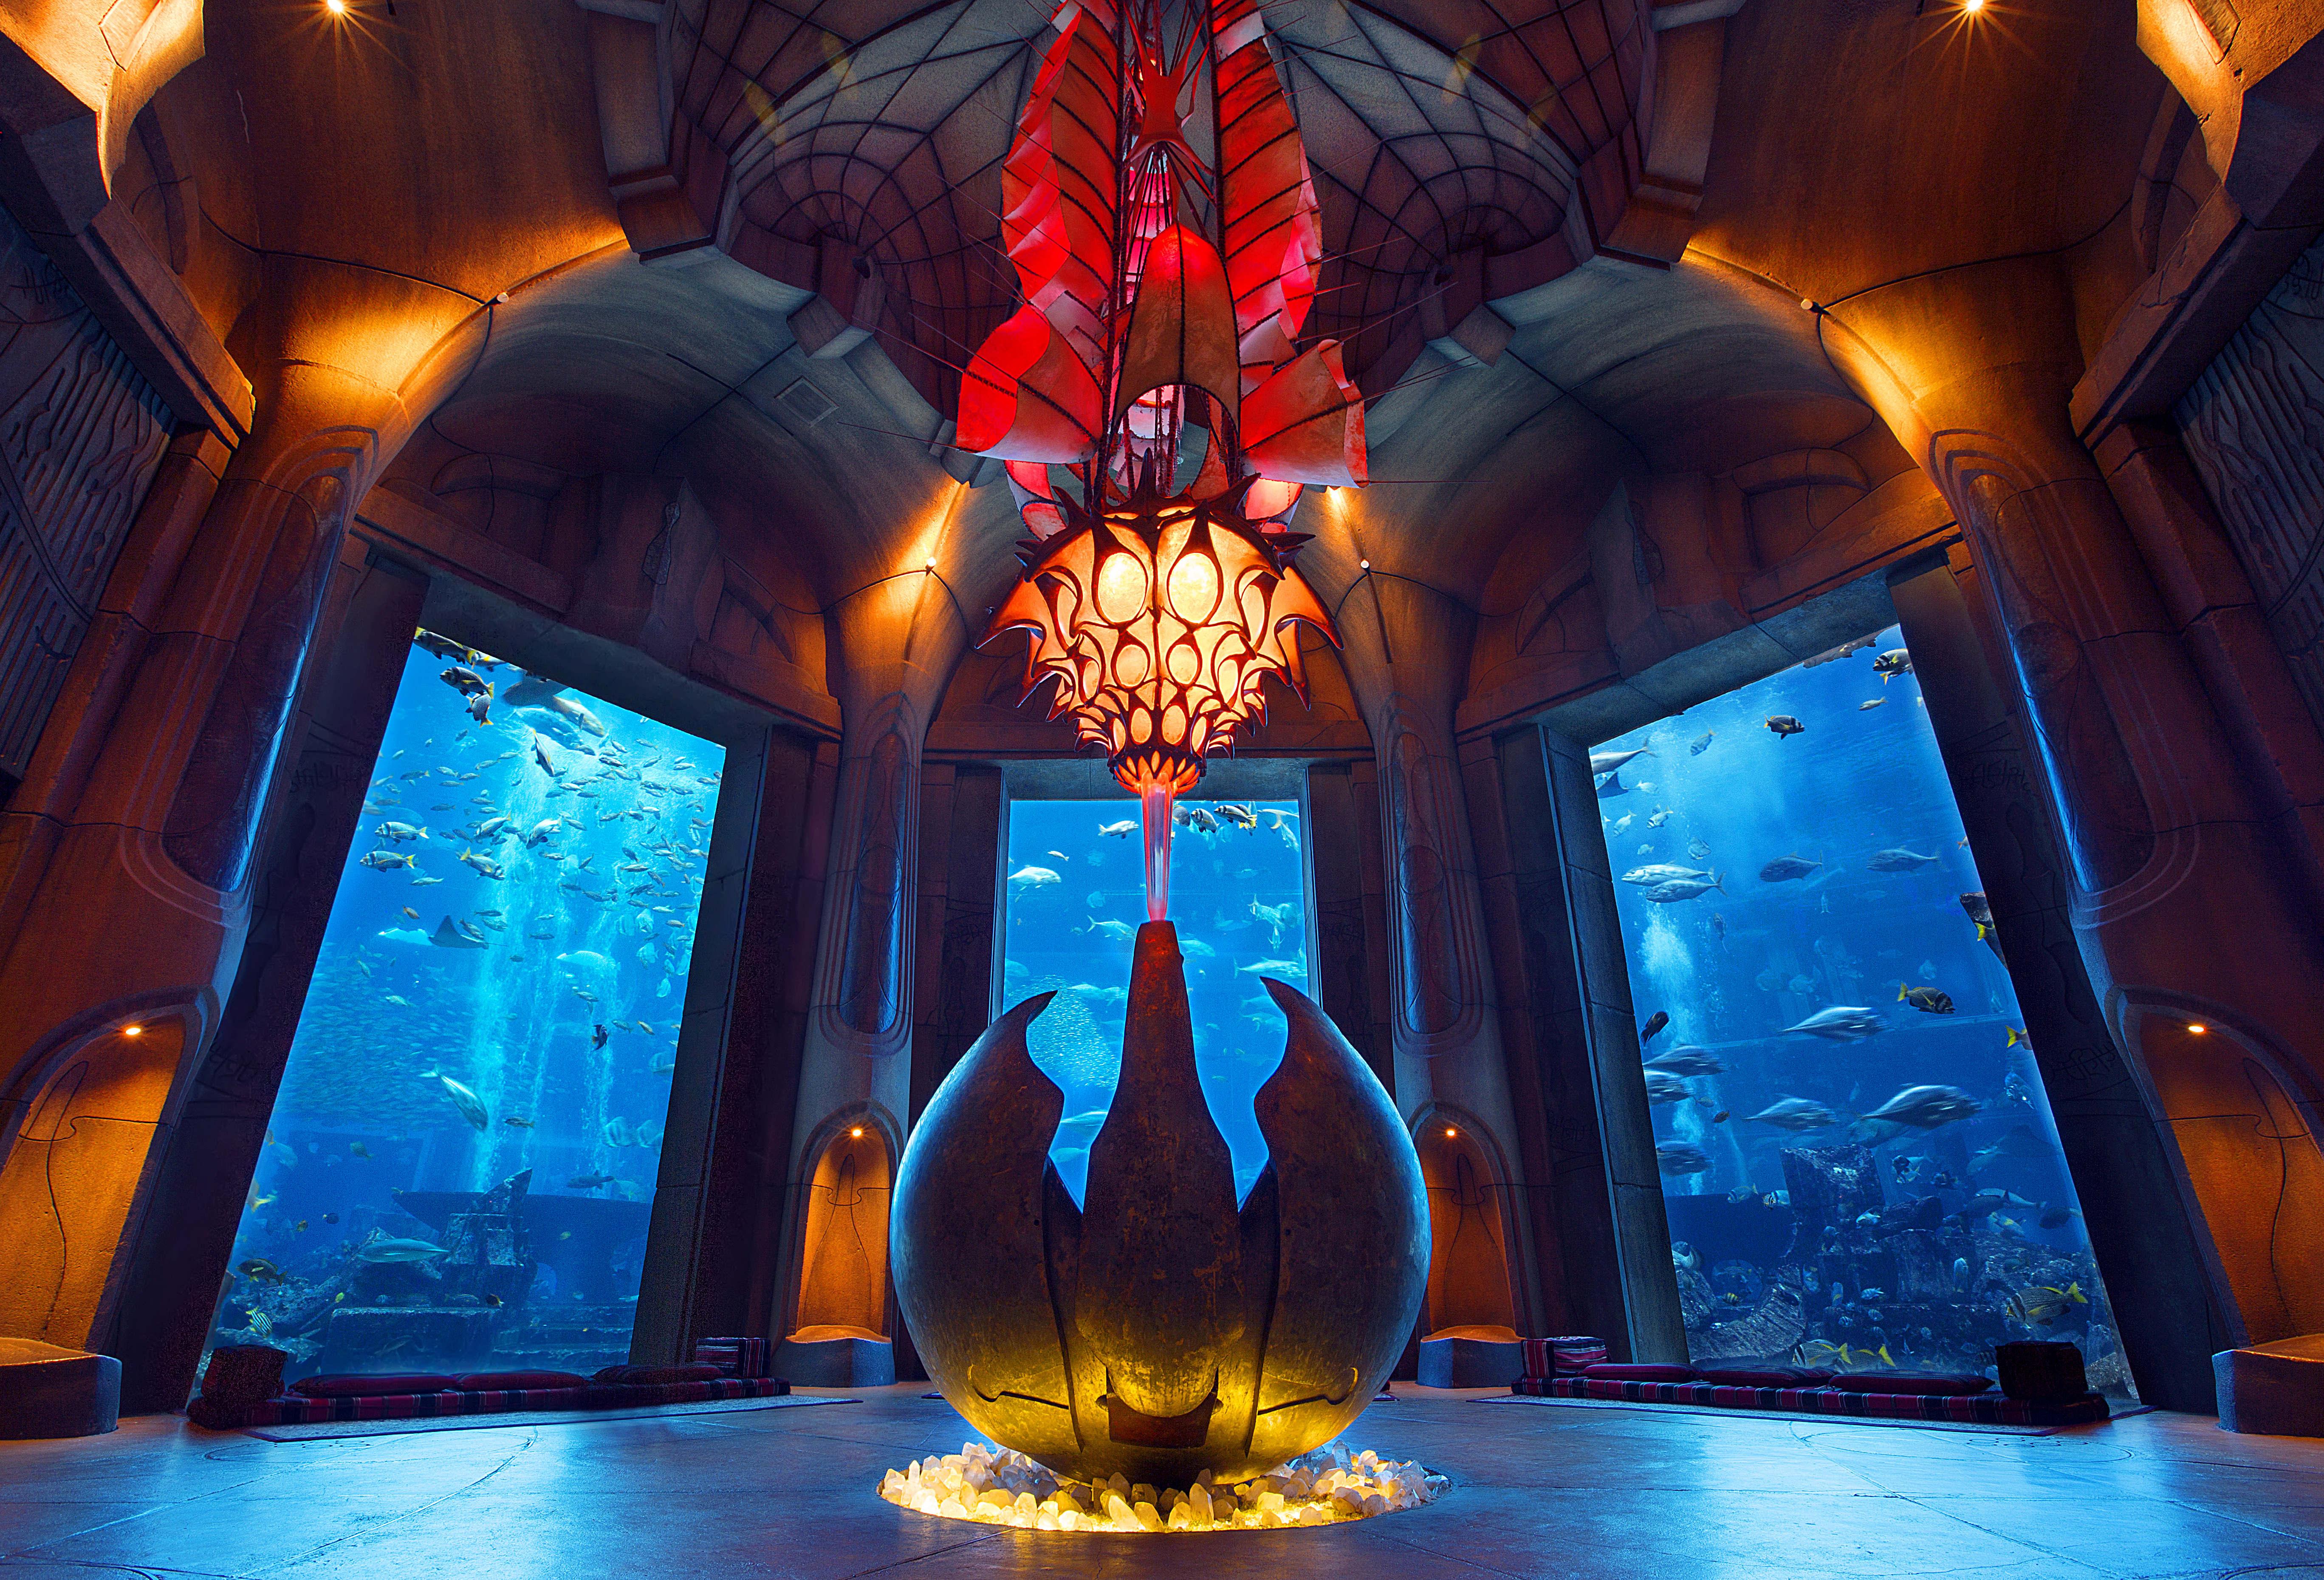 ドバイ水族館&ブルジュハリファ124+125階展望デッキ入場チケット